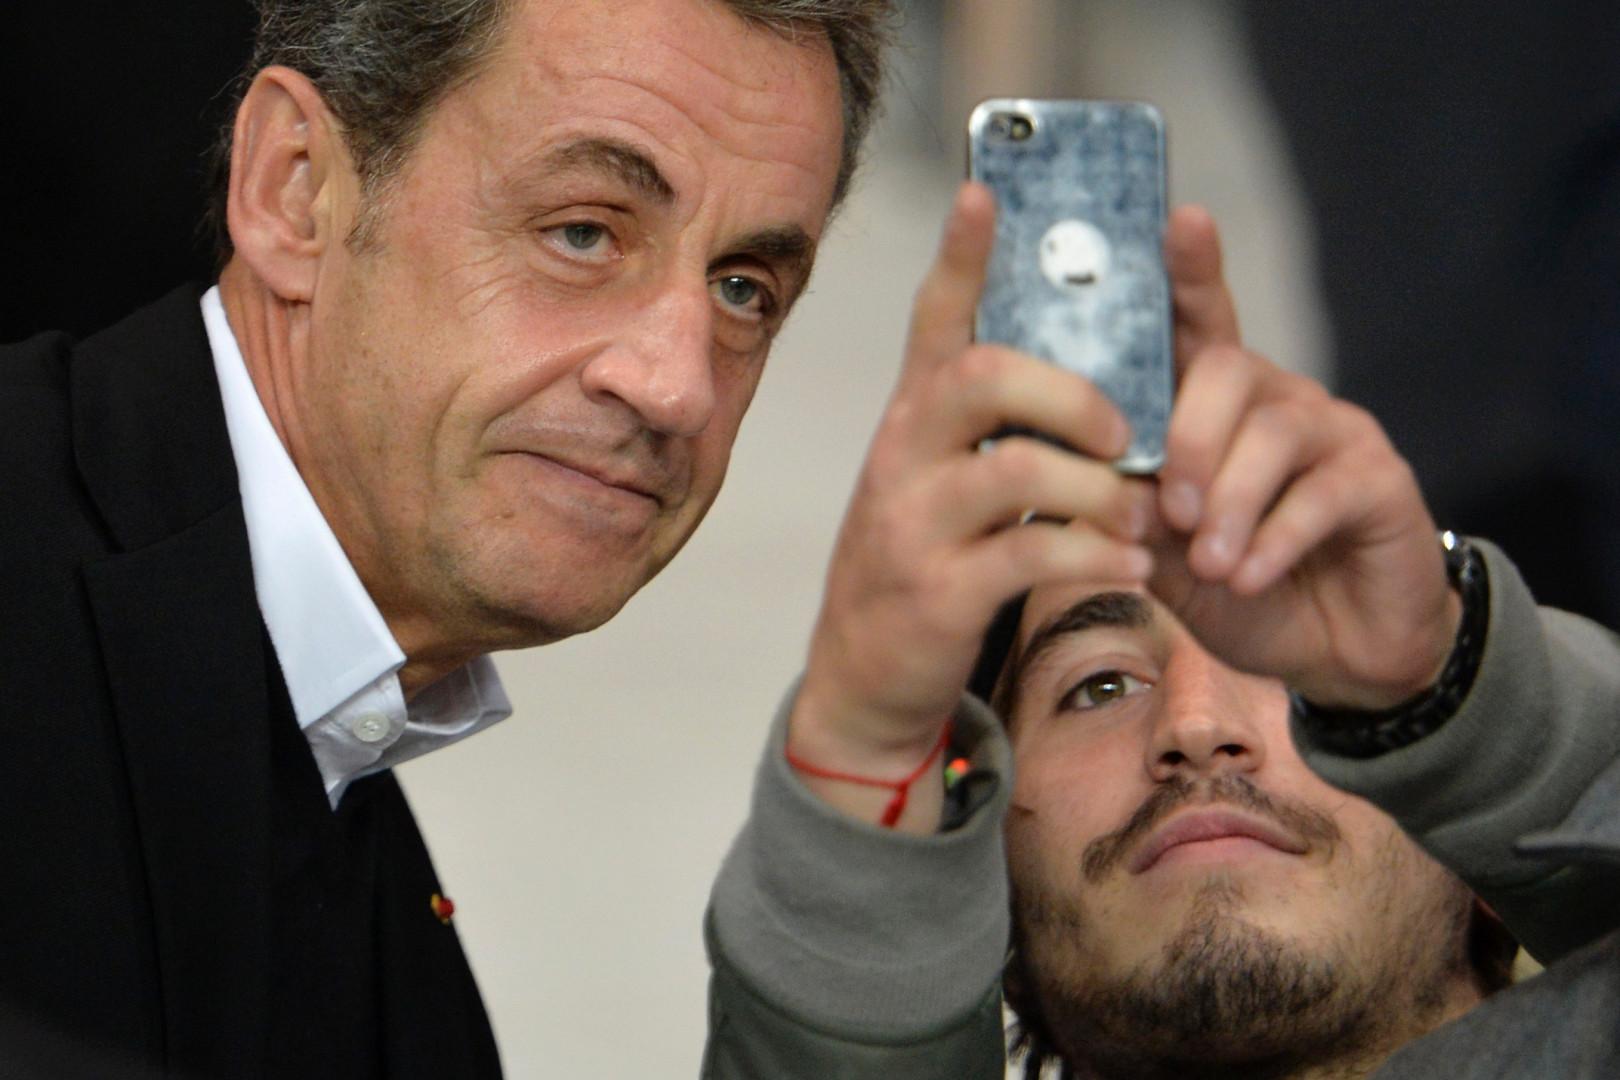 ... quand il n'est pas occupé à prendre des selfies avec les supporters